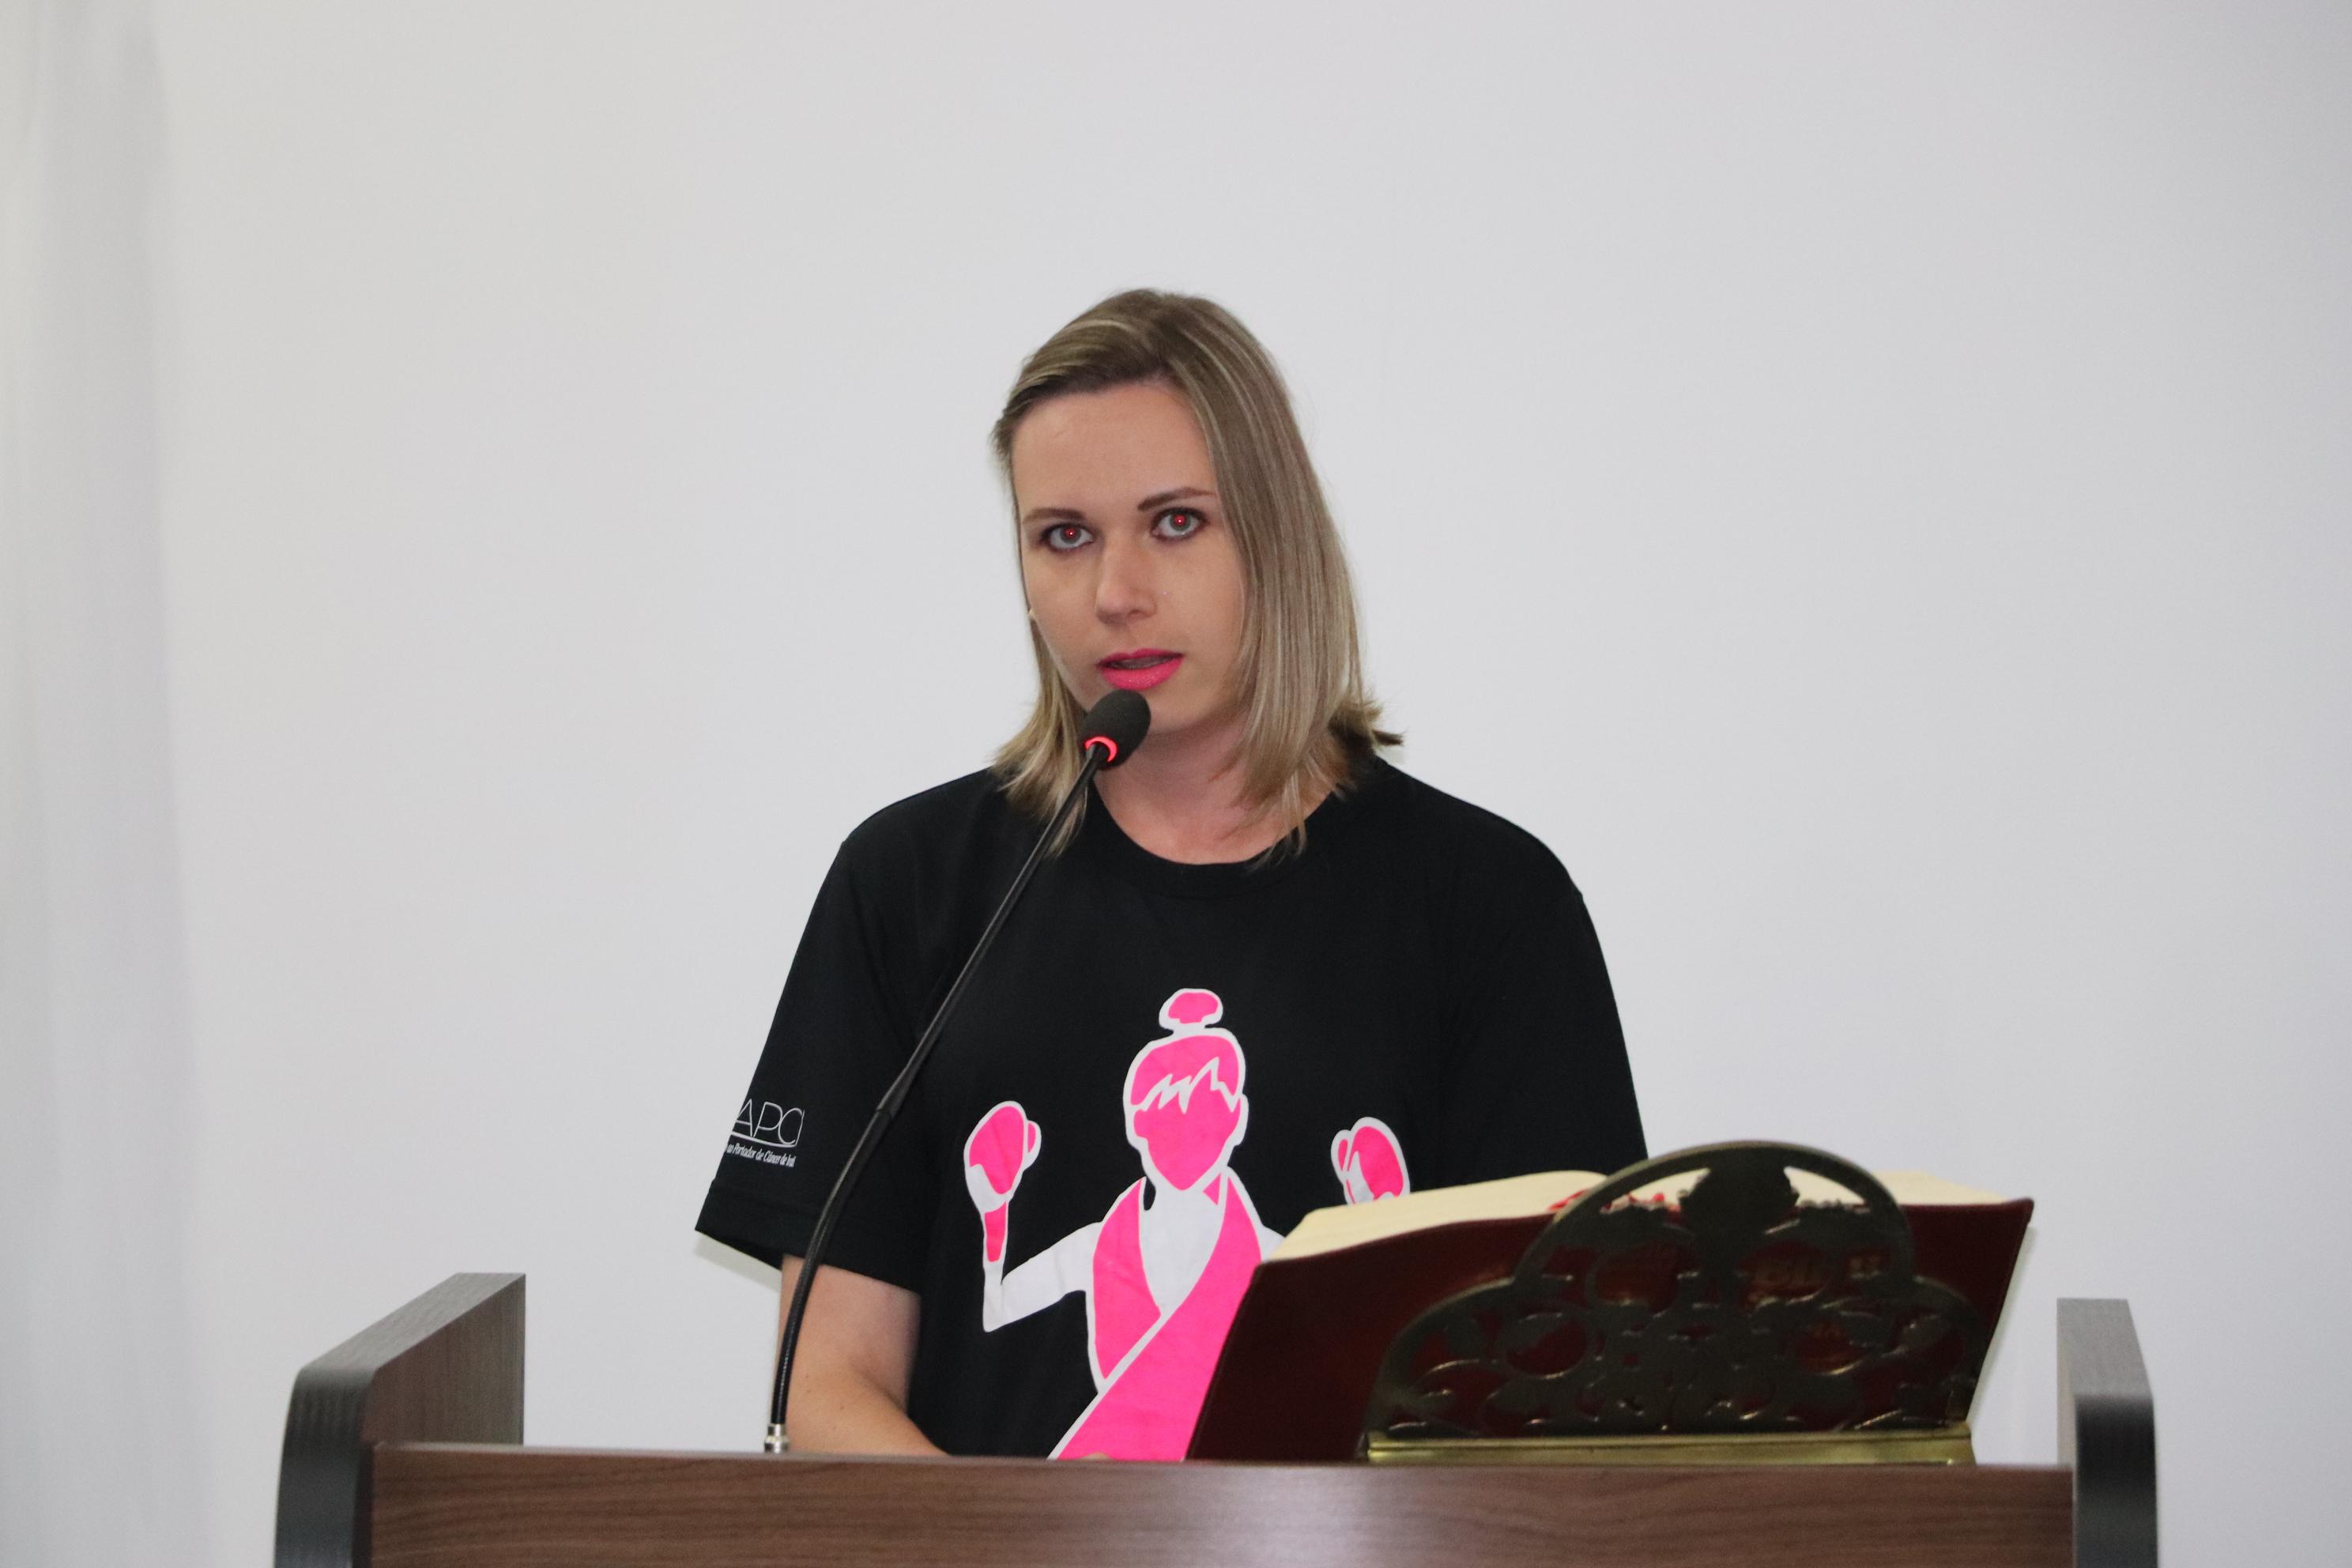 Na Tribuna, iratiense compartilha experiência de luta e superação contra o câncer de mama